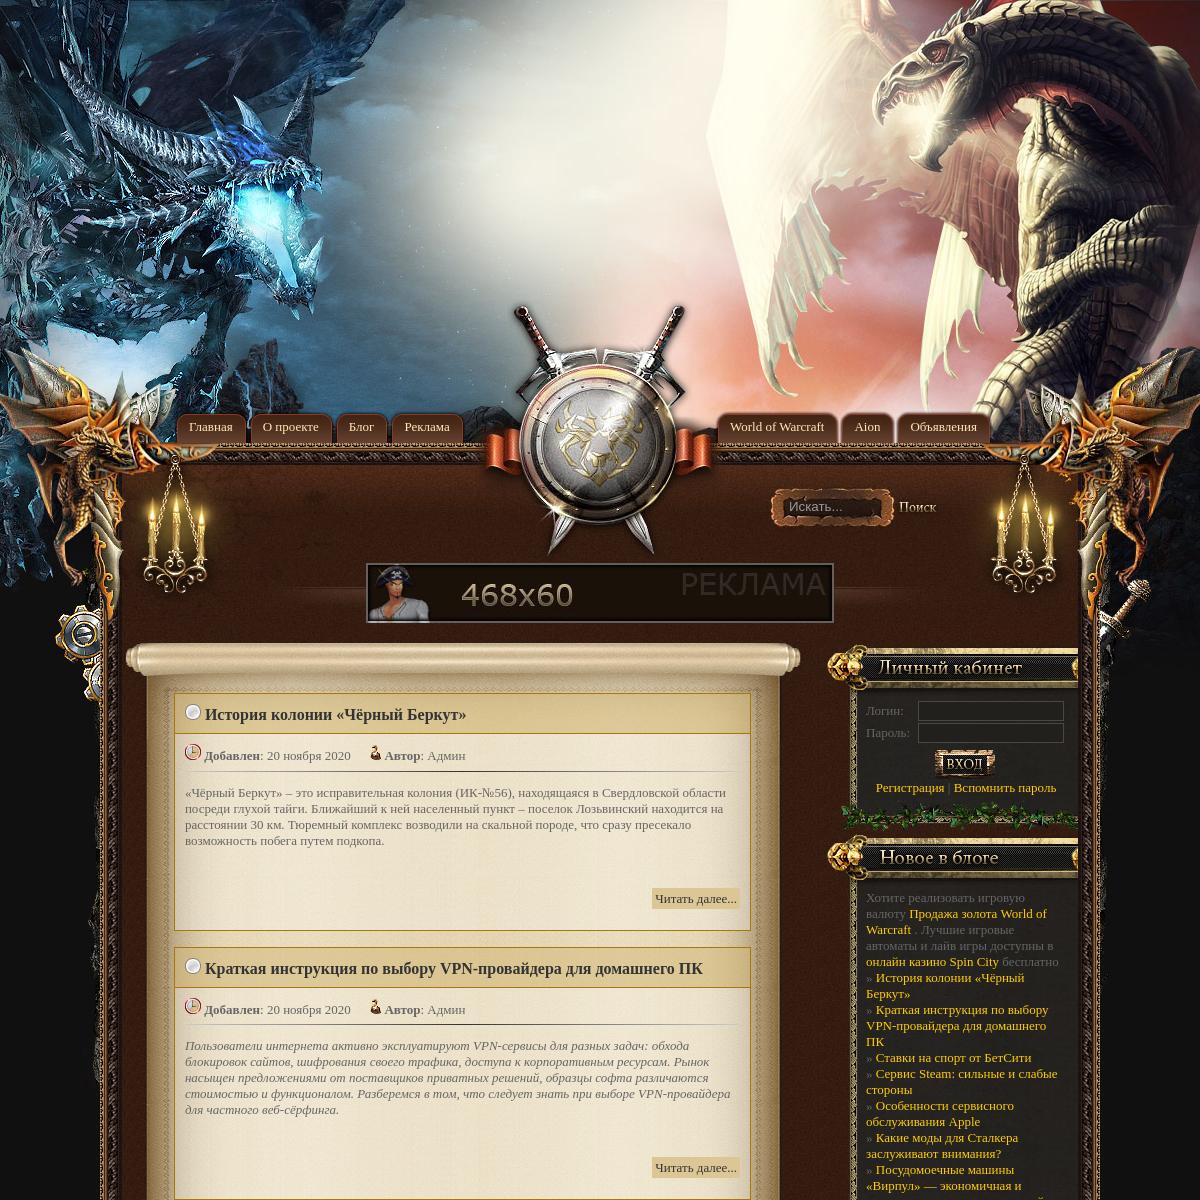 Каталог бесплатных игровых серверов World of Warcraft